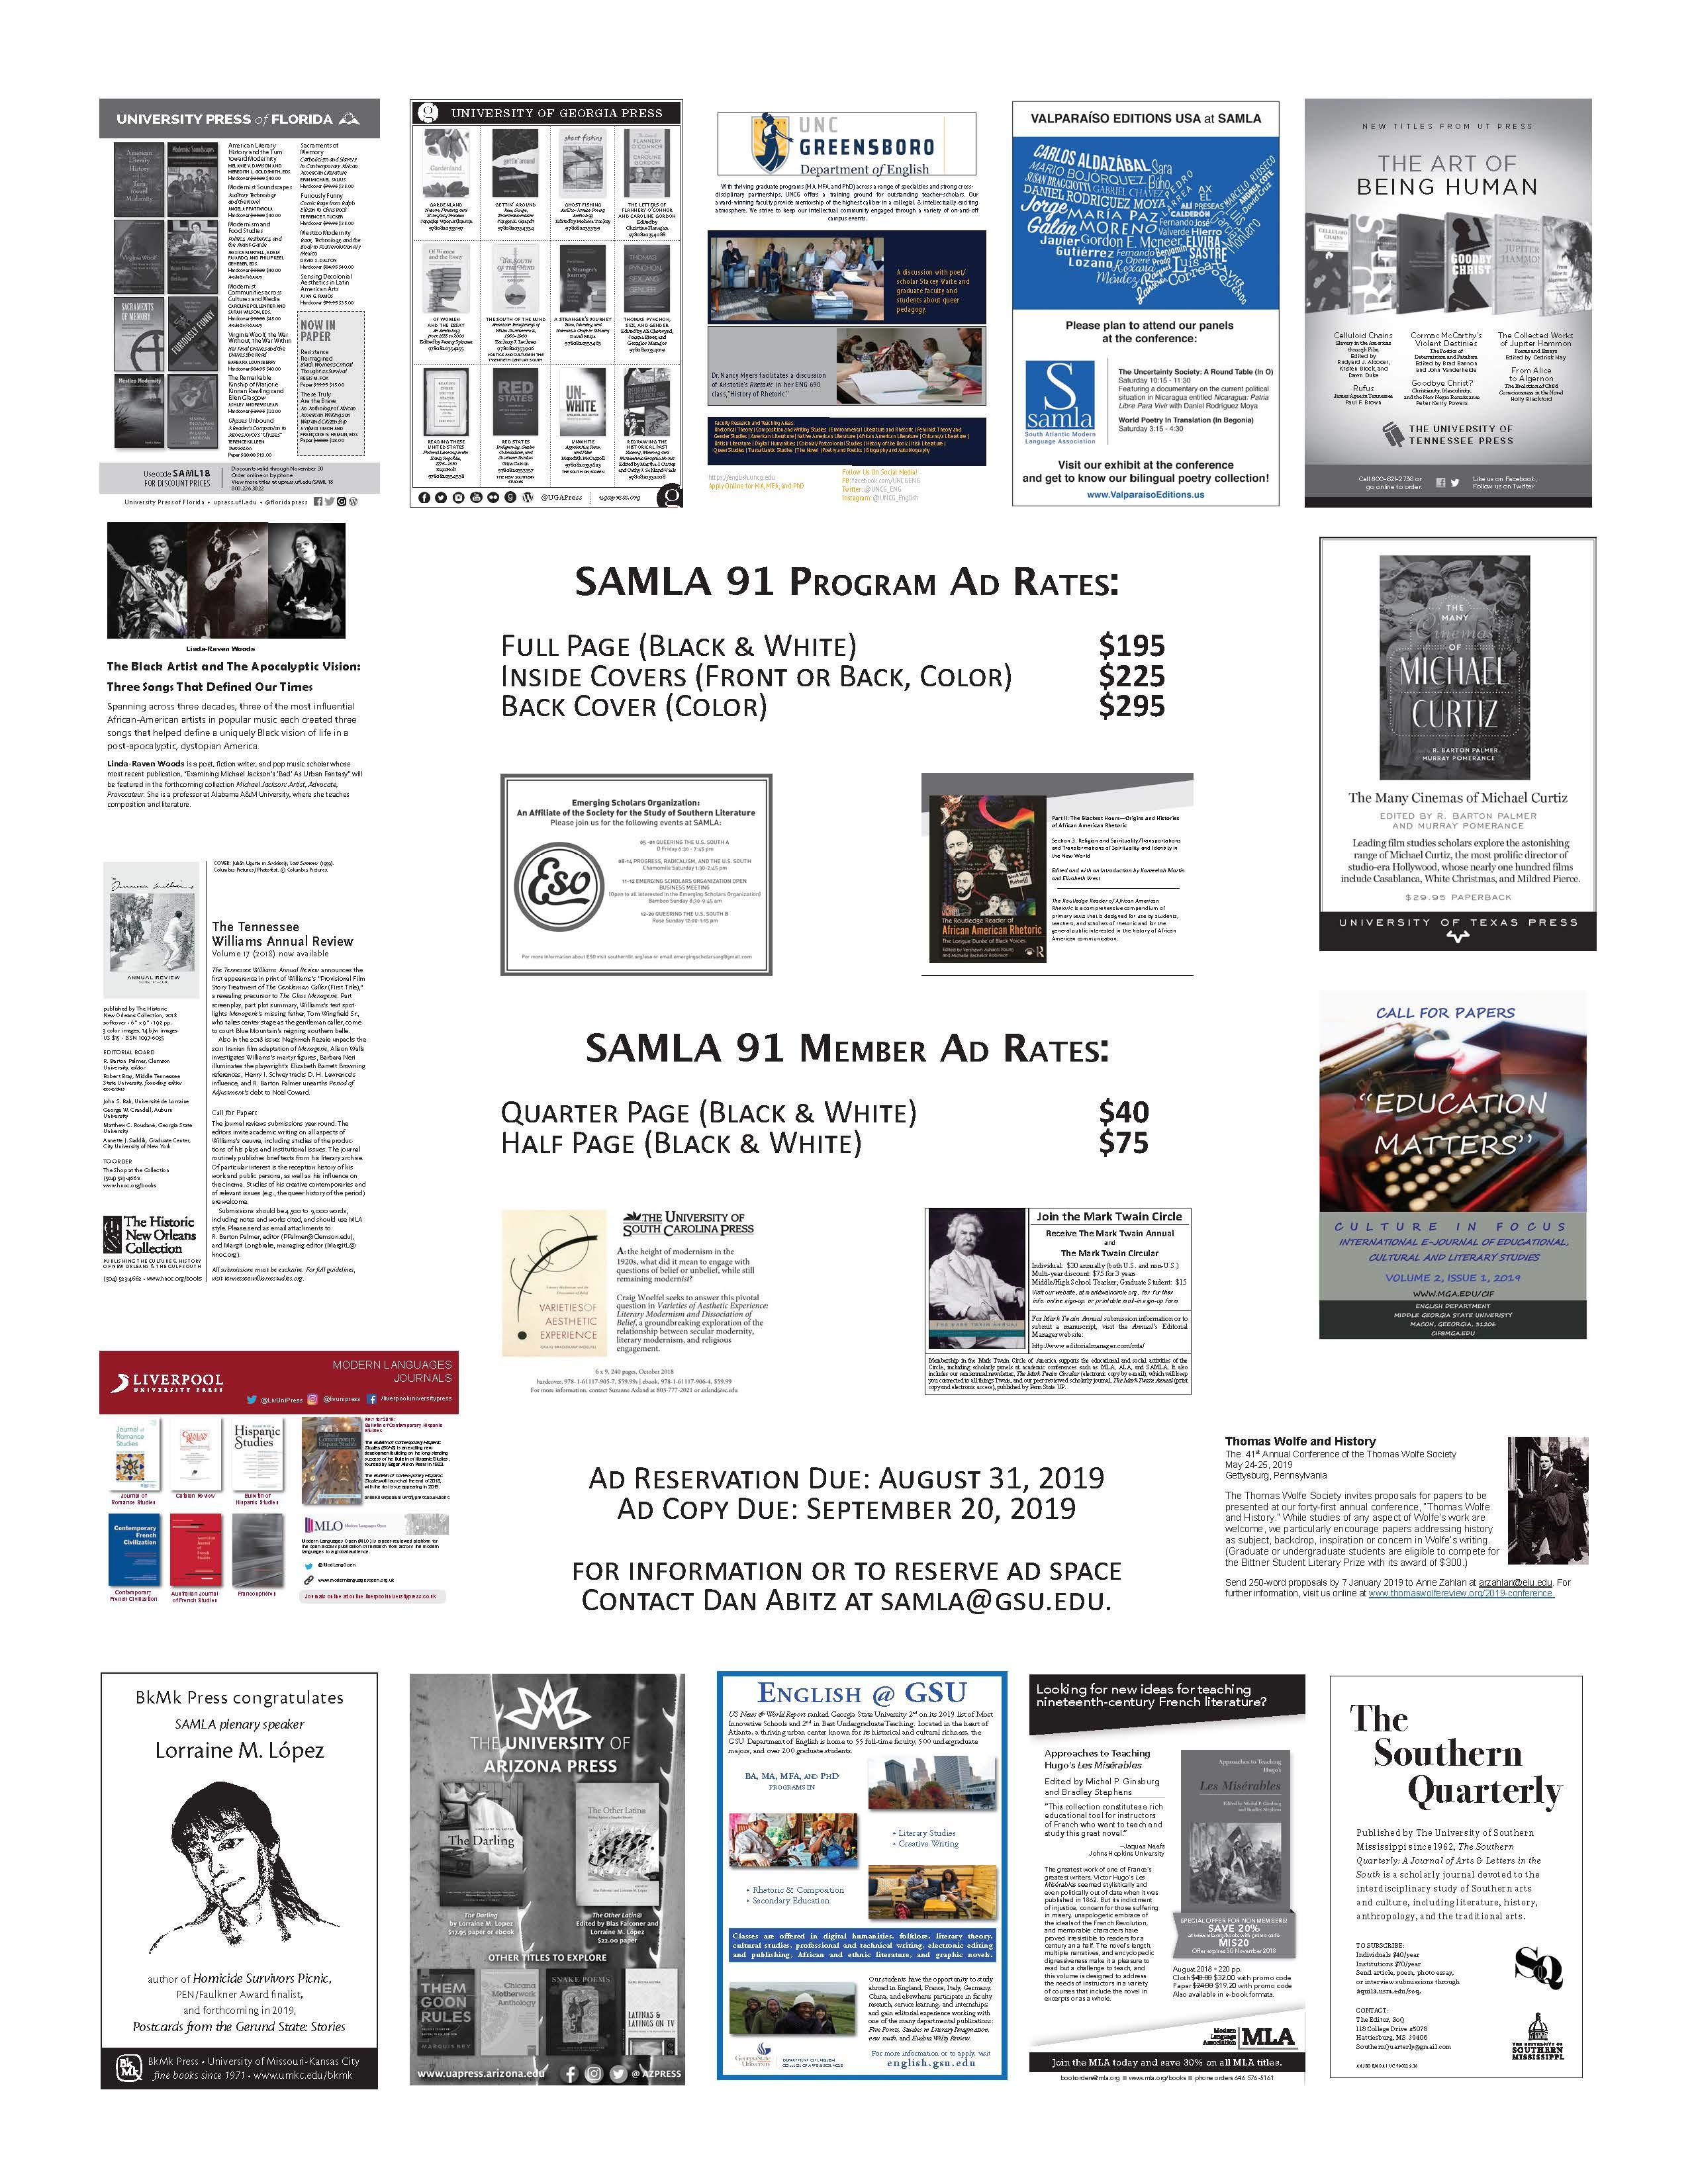 SAMLA 2019 Ad Rates